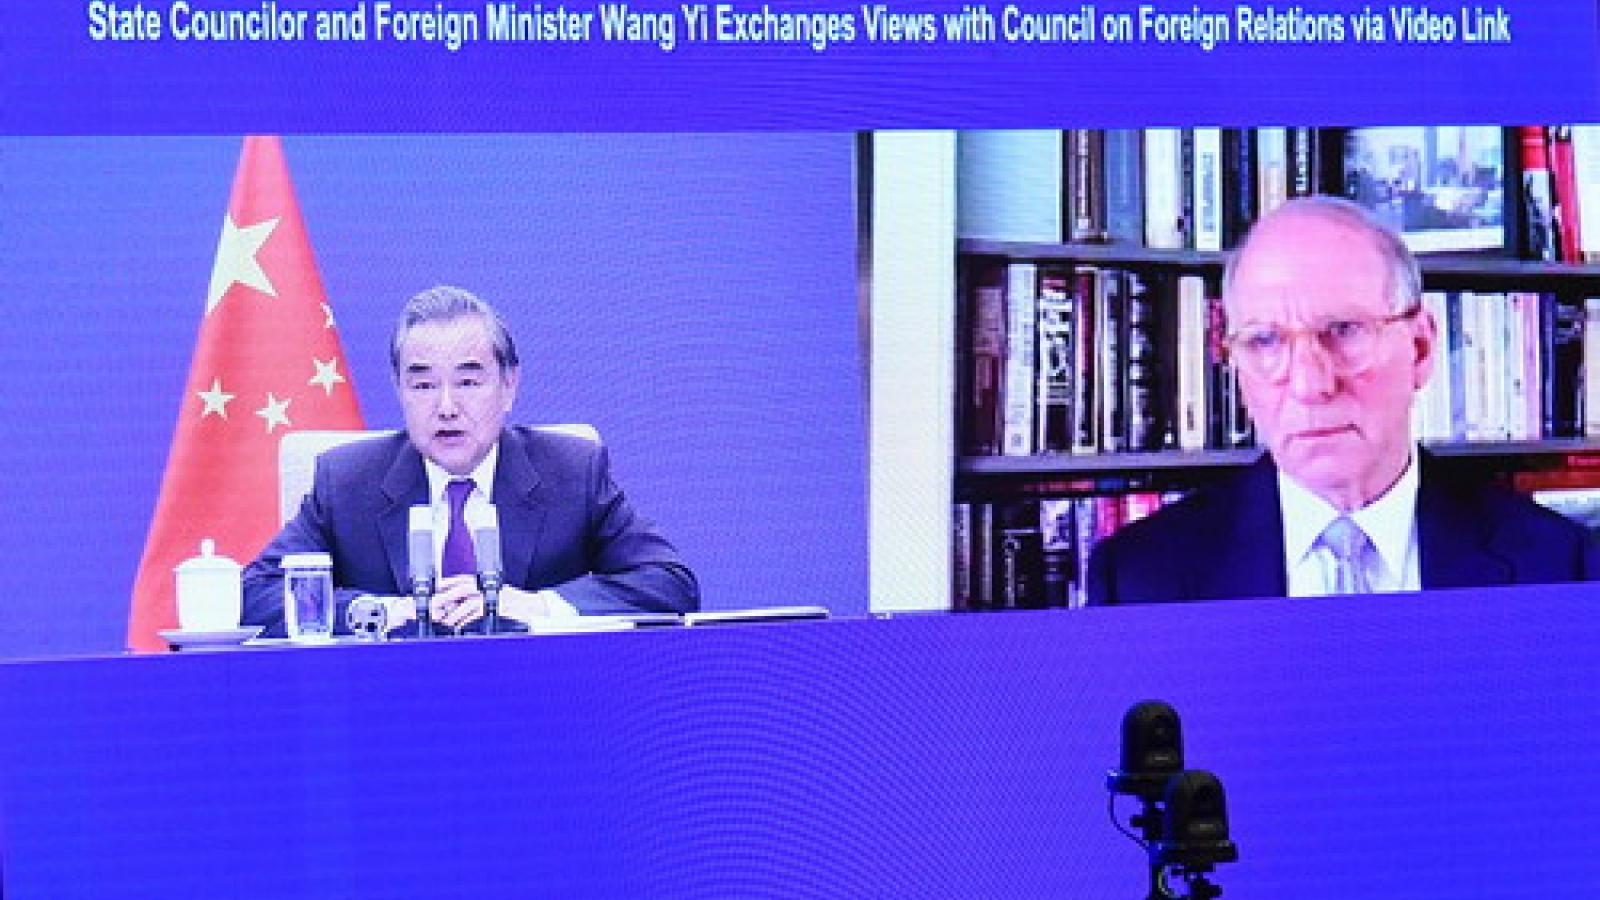 Ngoại trưởng Vương Nghị: Mỹ chưa tìm được con đường đúng đắn kết giao với Trung Quốc